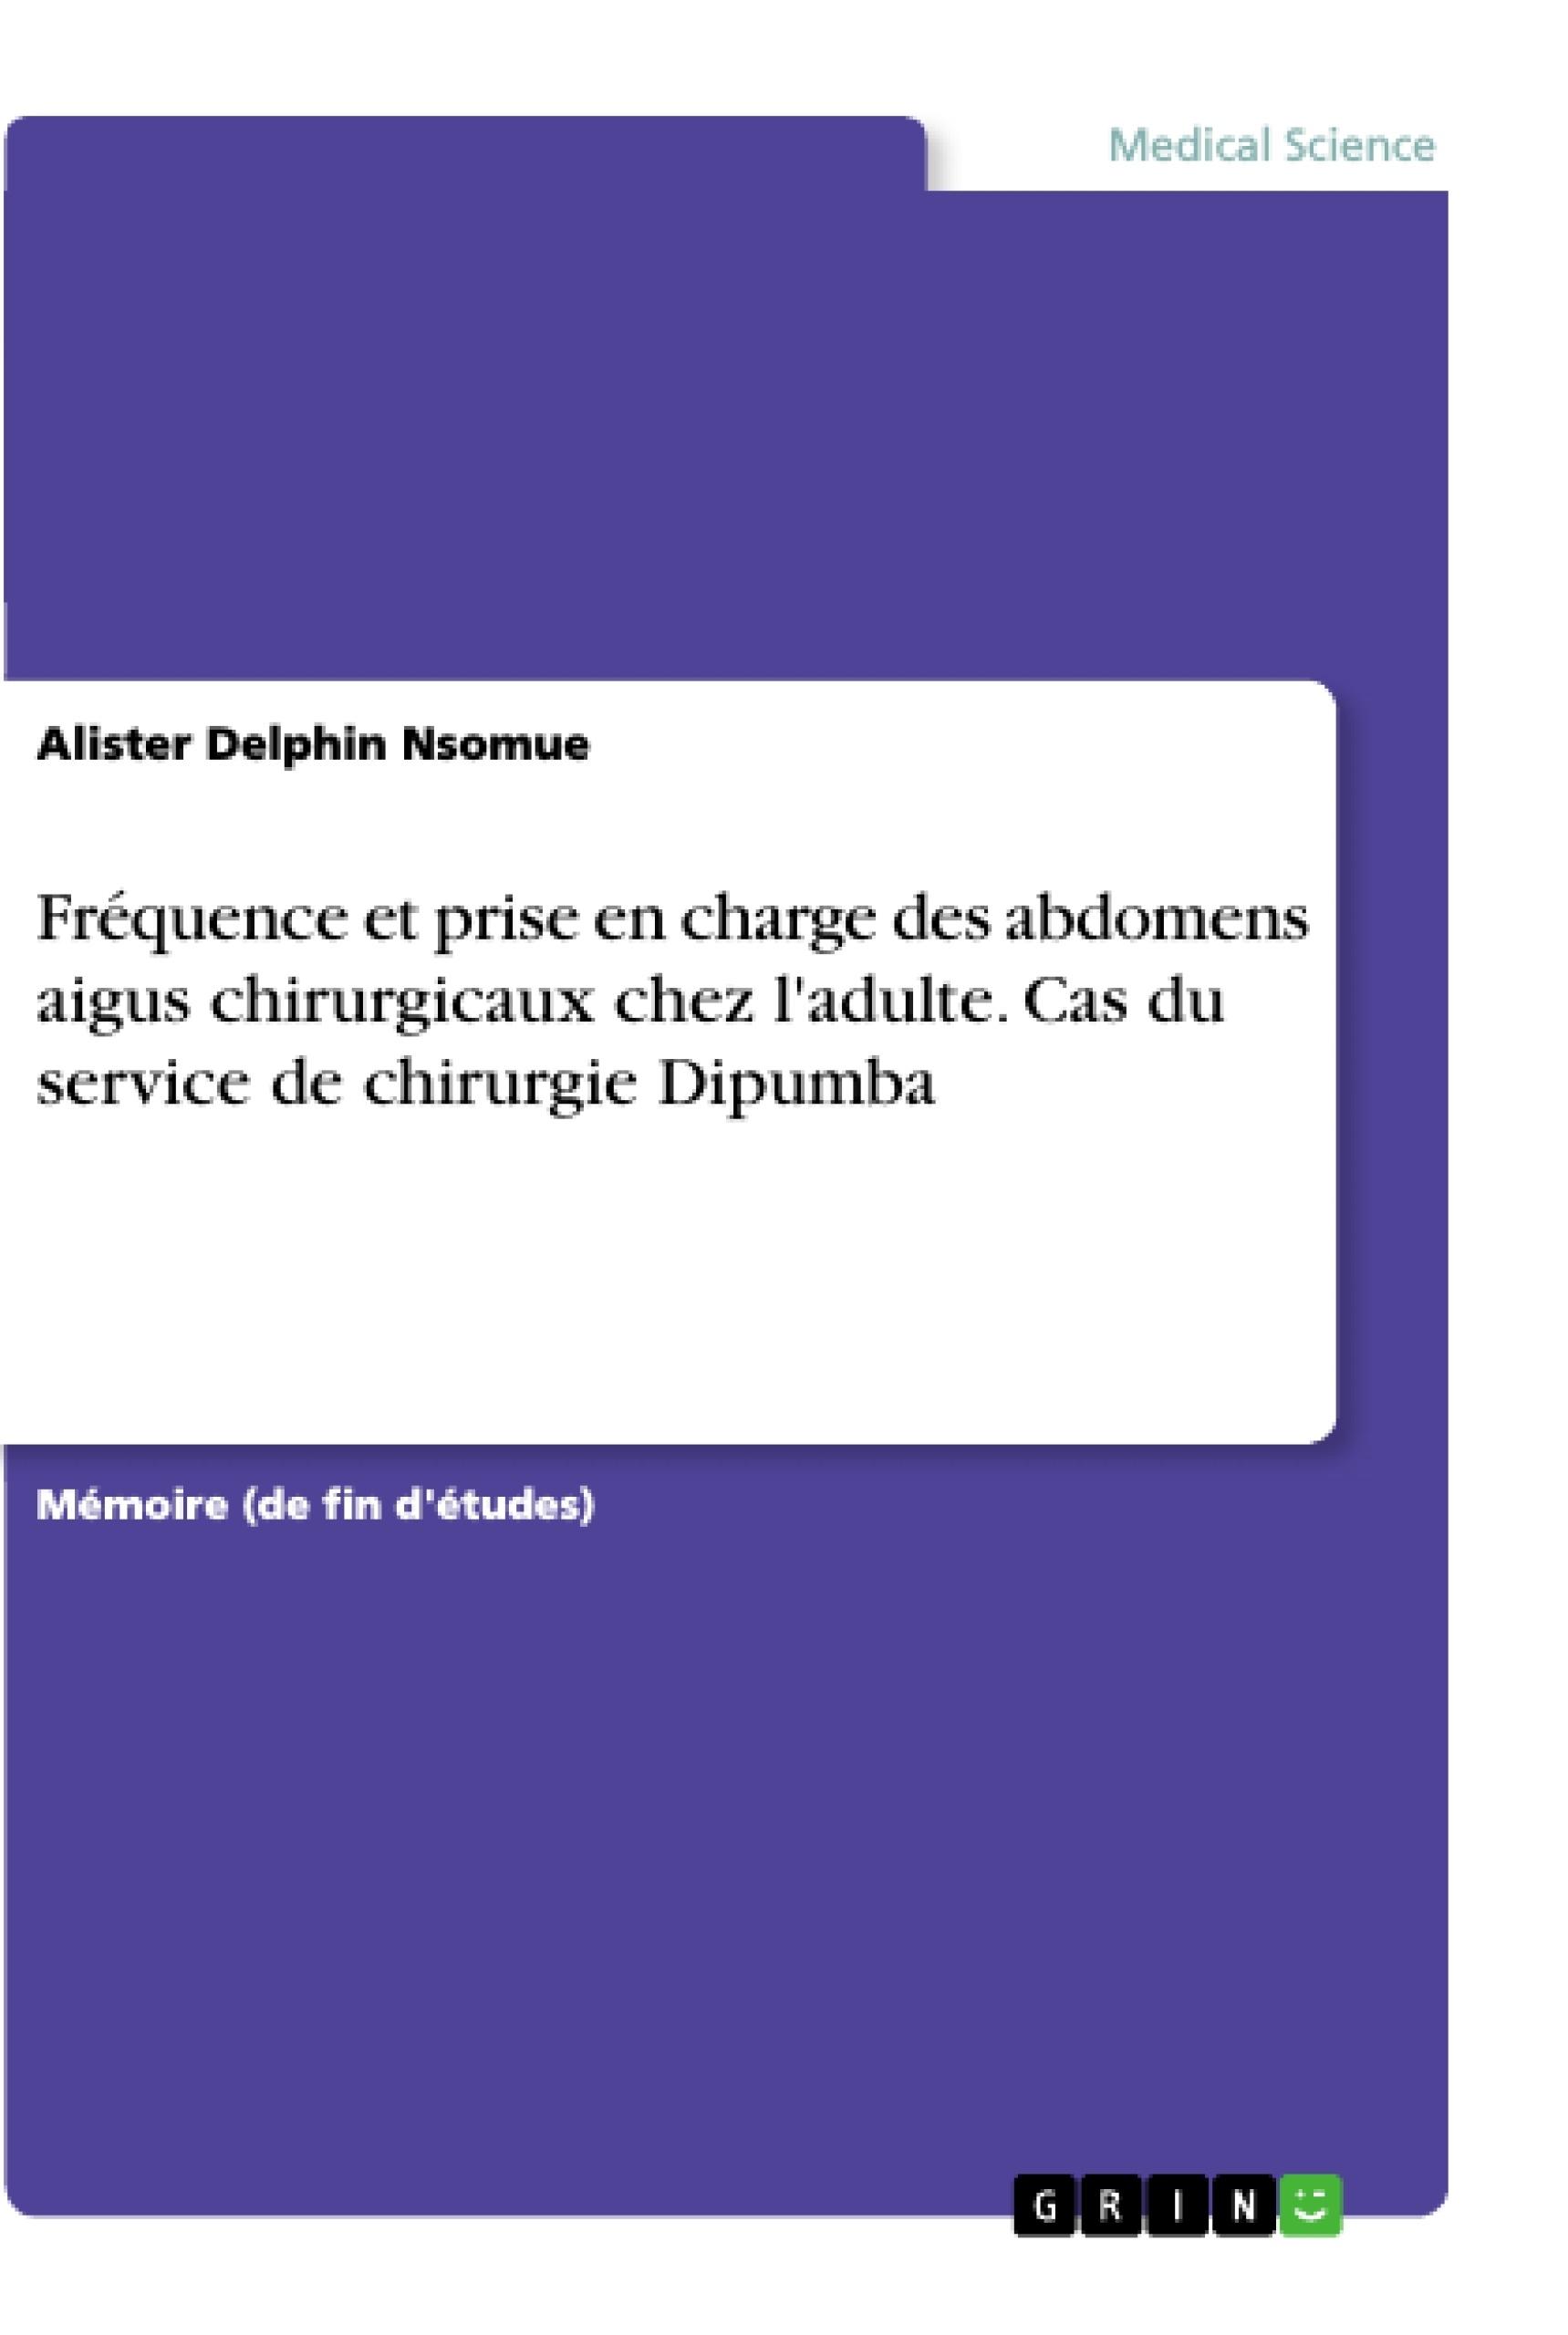 Titre: Fréquence et prise en charge des abdomens aigus chirurgicaux chez l'adulte. Cas du service de chirurgie Dipumba